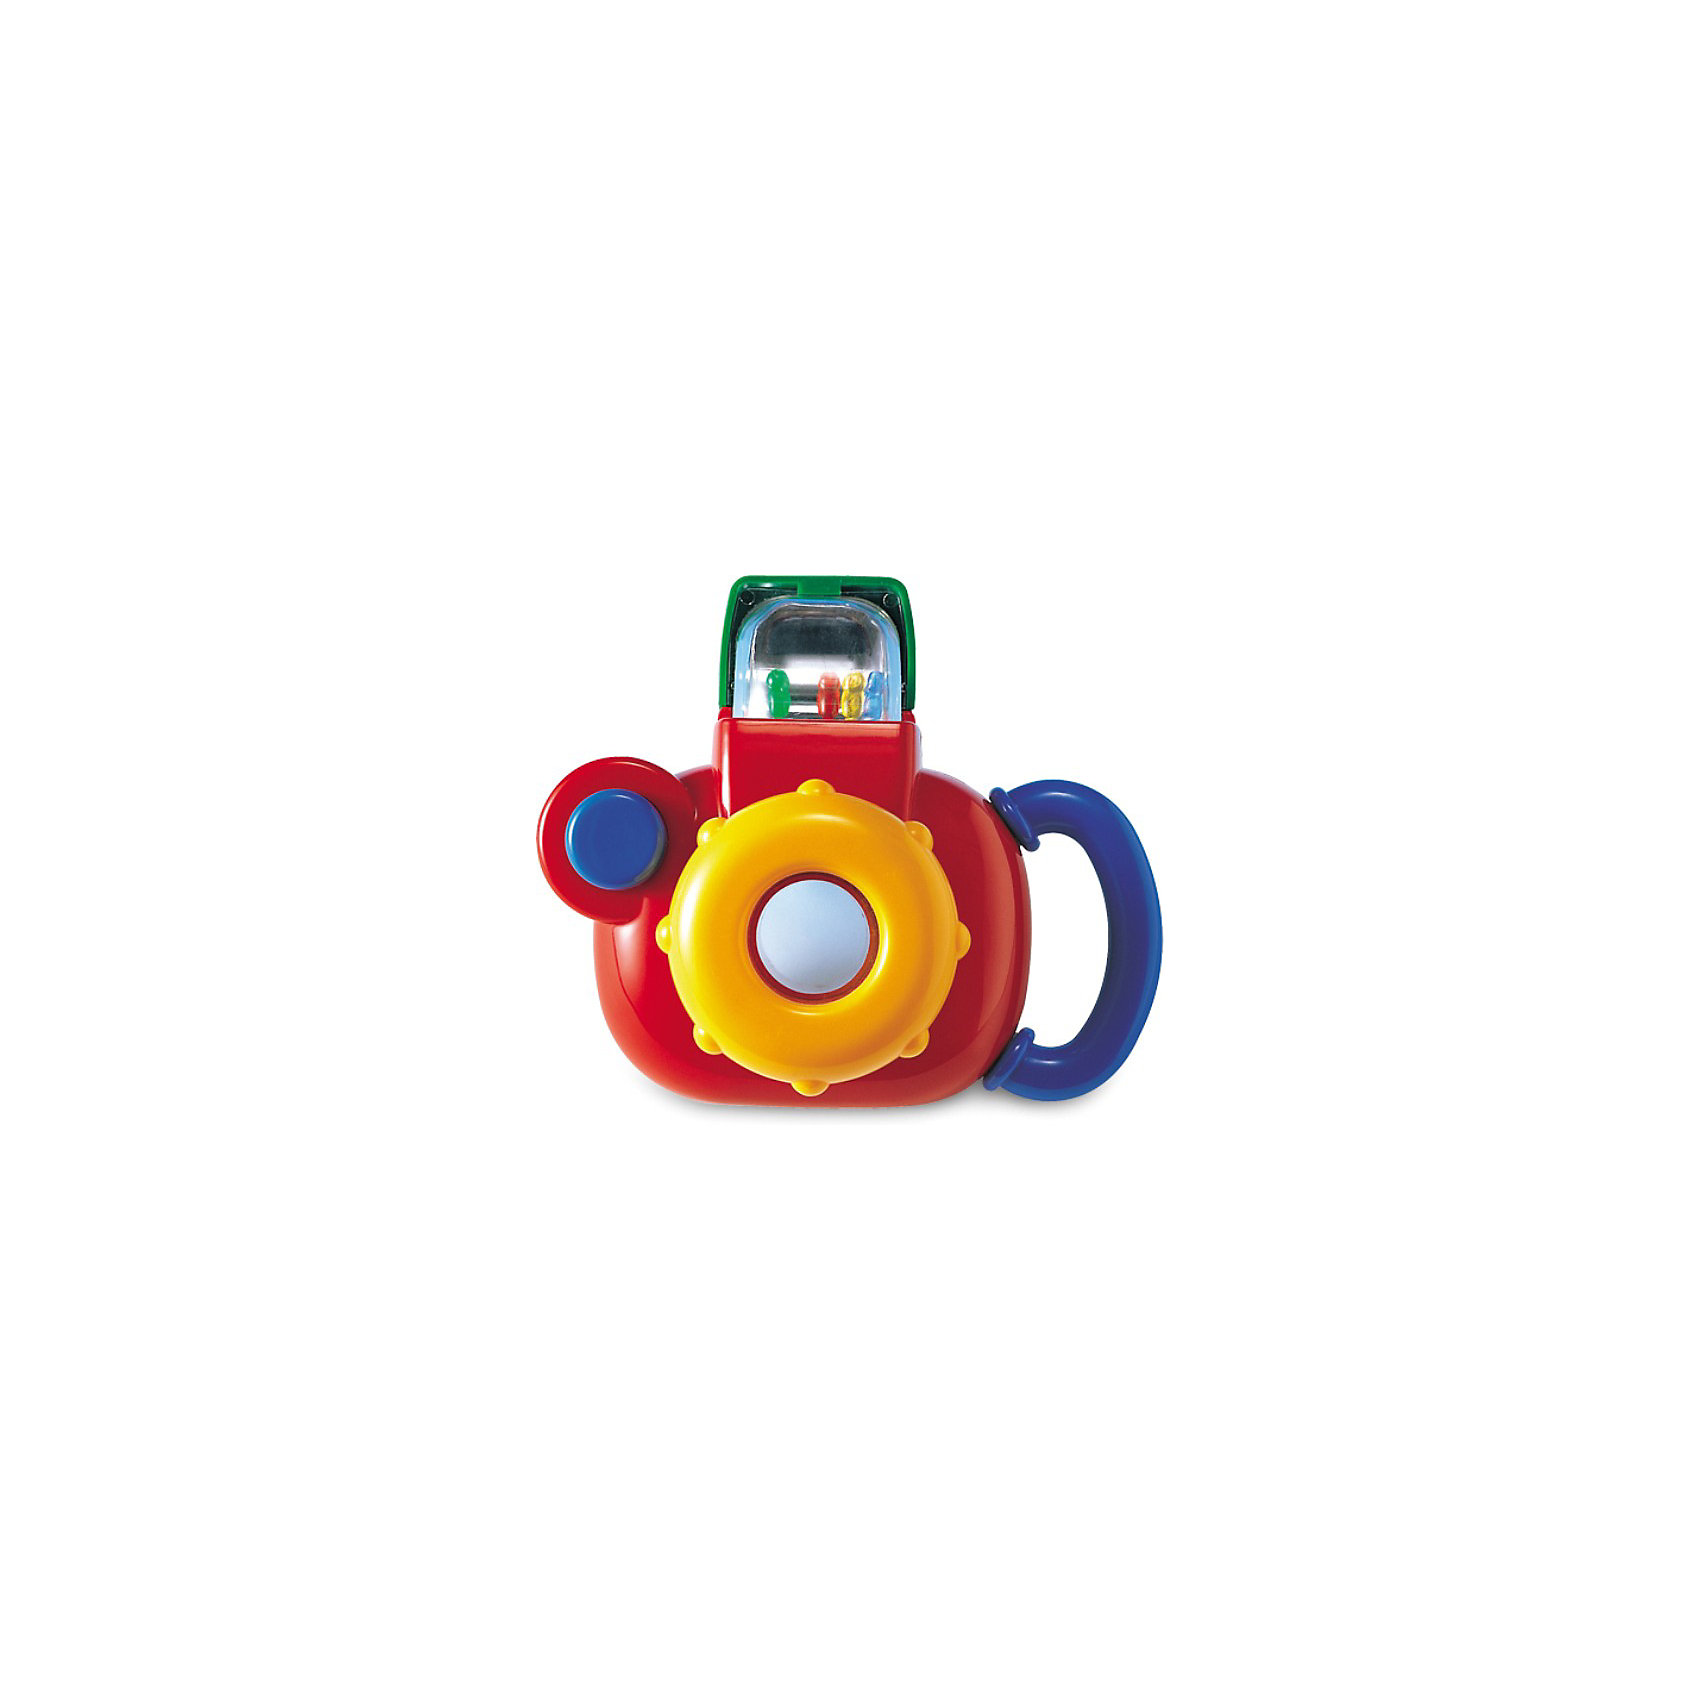 TOLO Фотокамера, TOLO CLASSIC tolo classic игрушка фотокамера